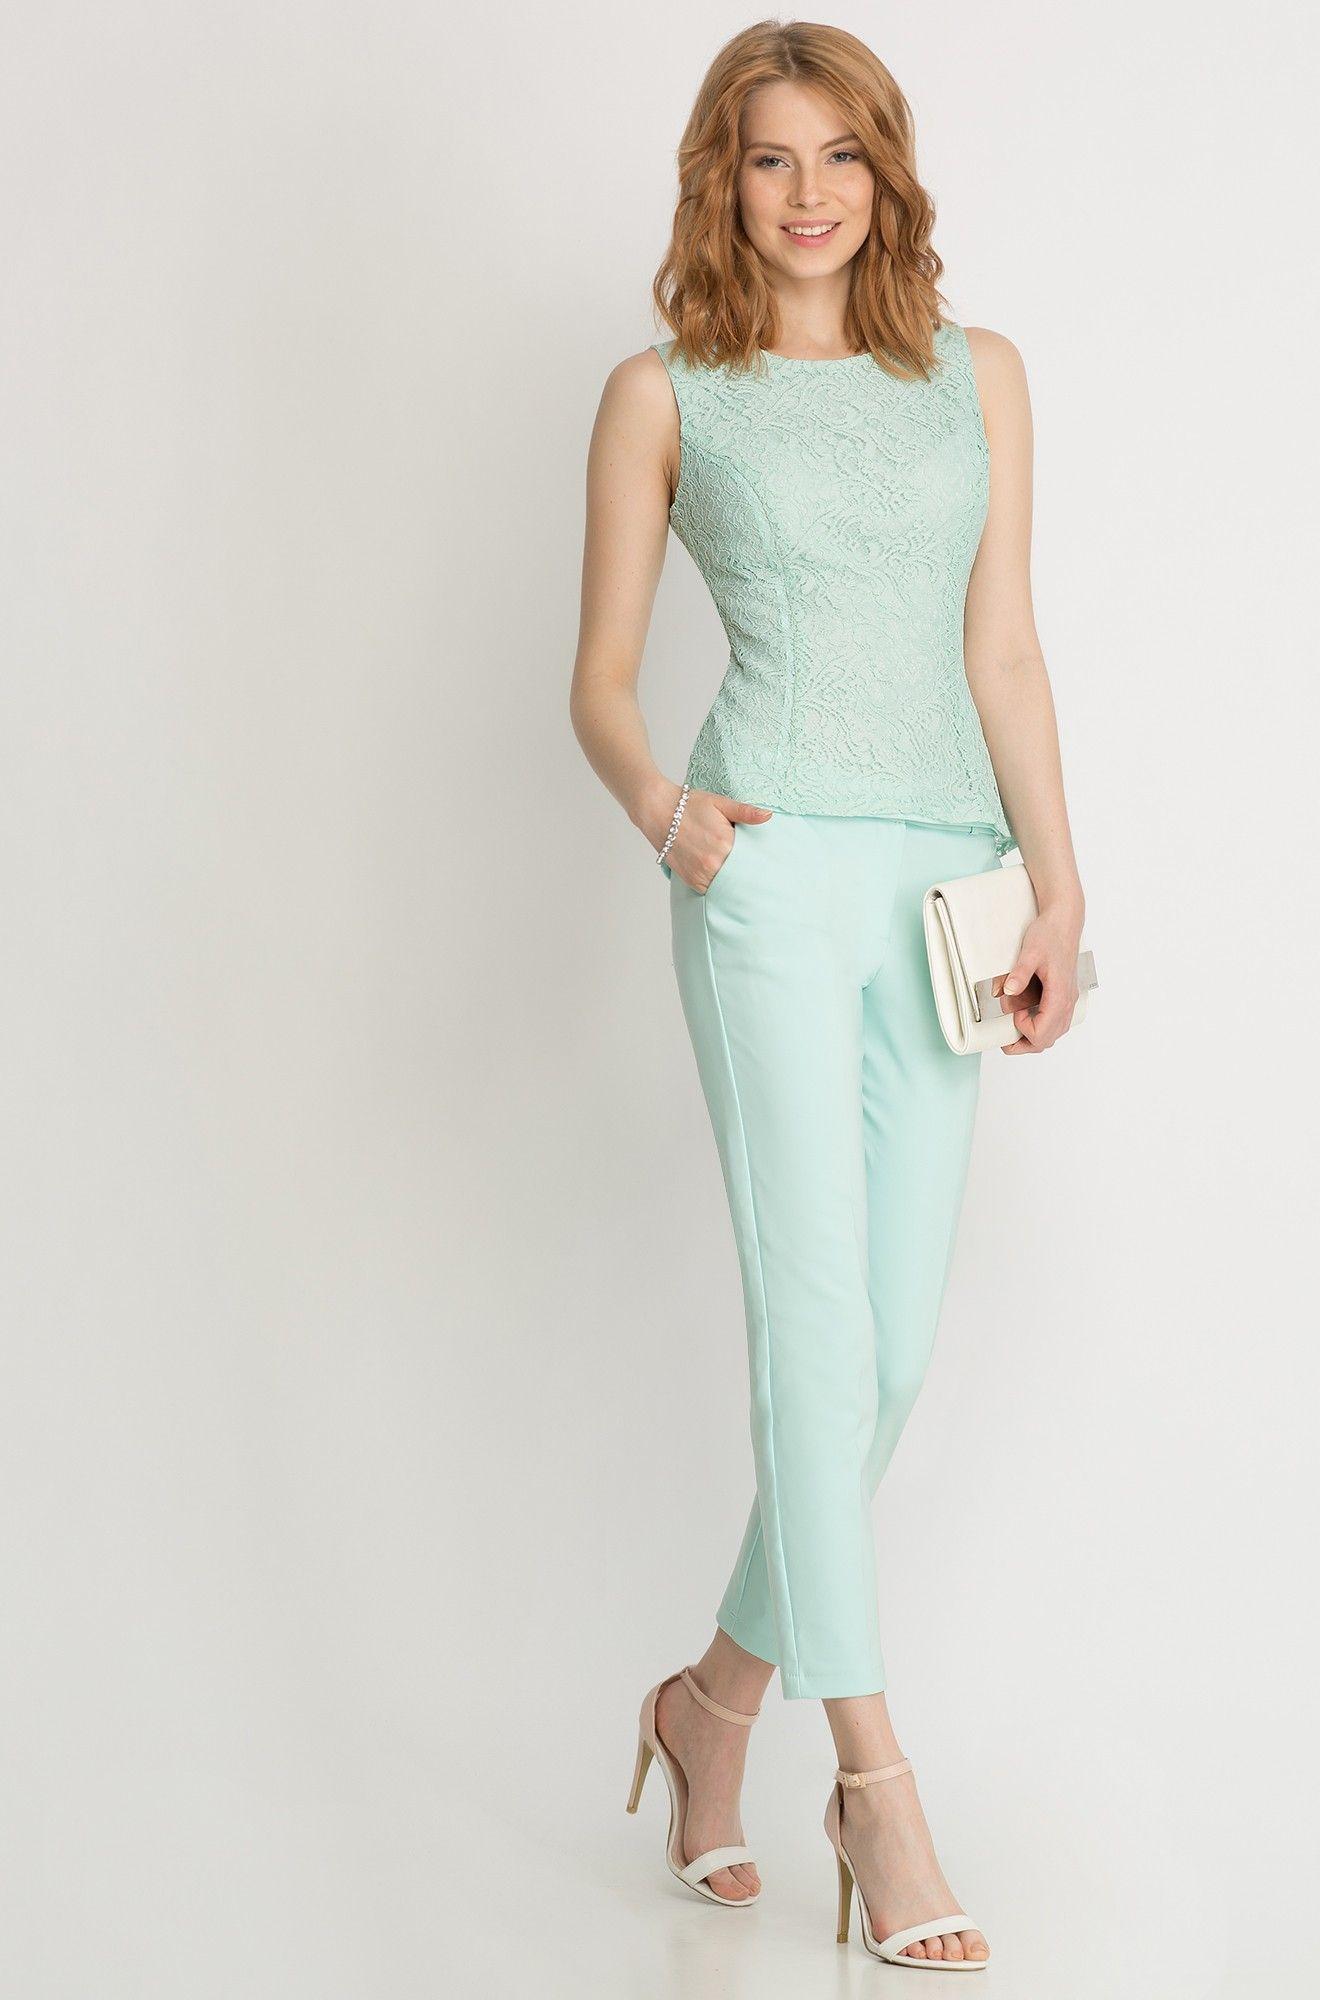 Bluse aus Spitze mit Schößchen | ORSAY | Kleidung | Pinterest